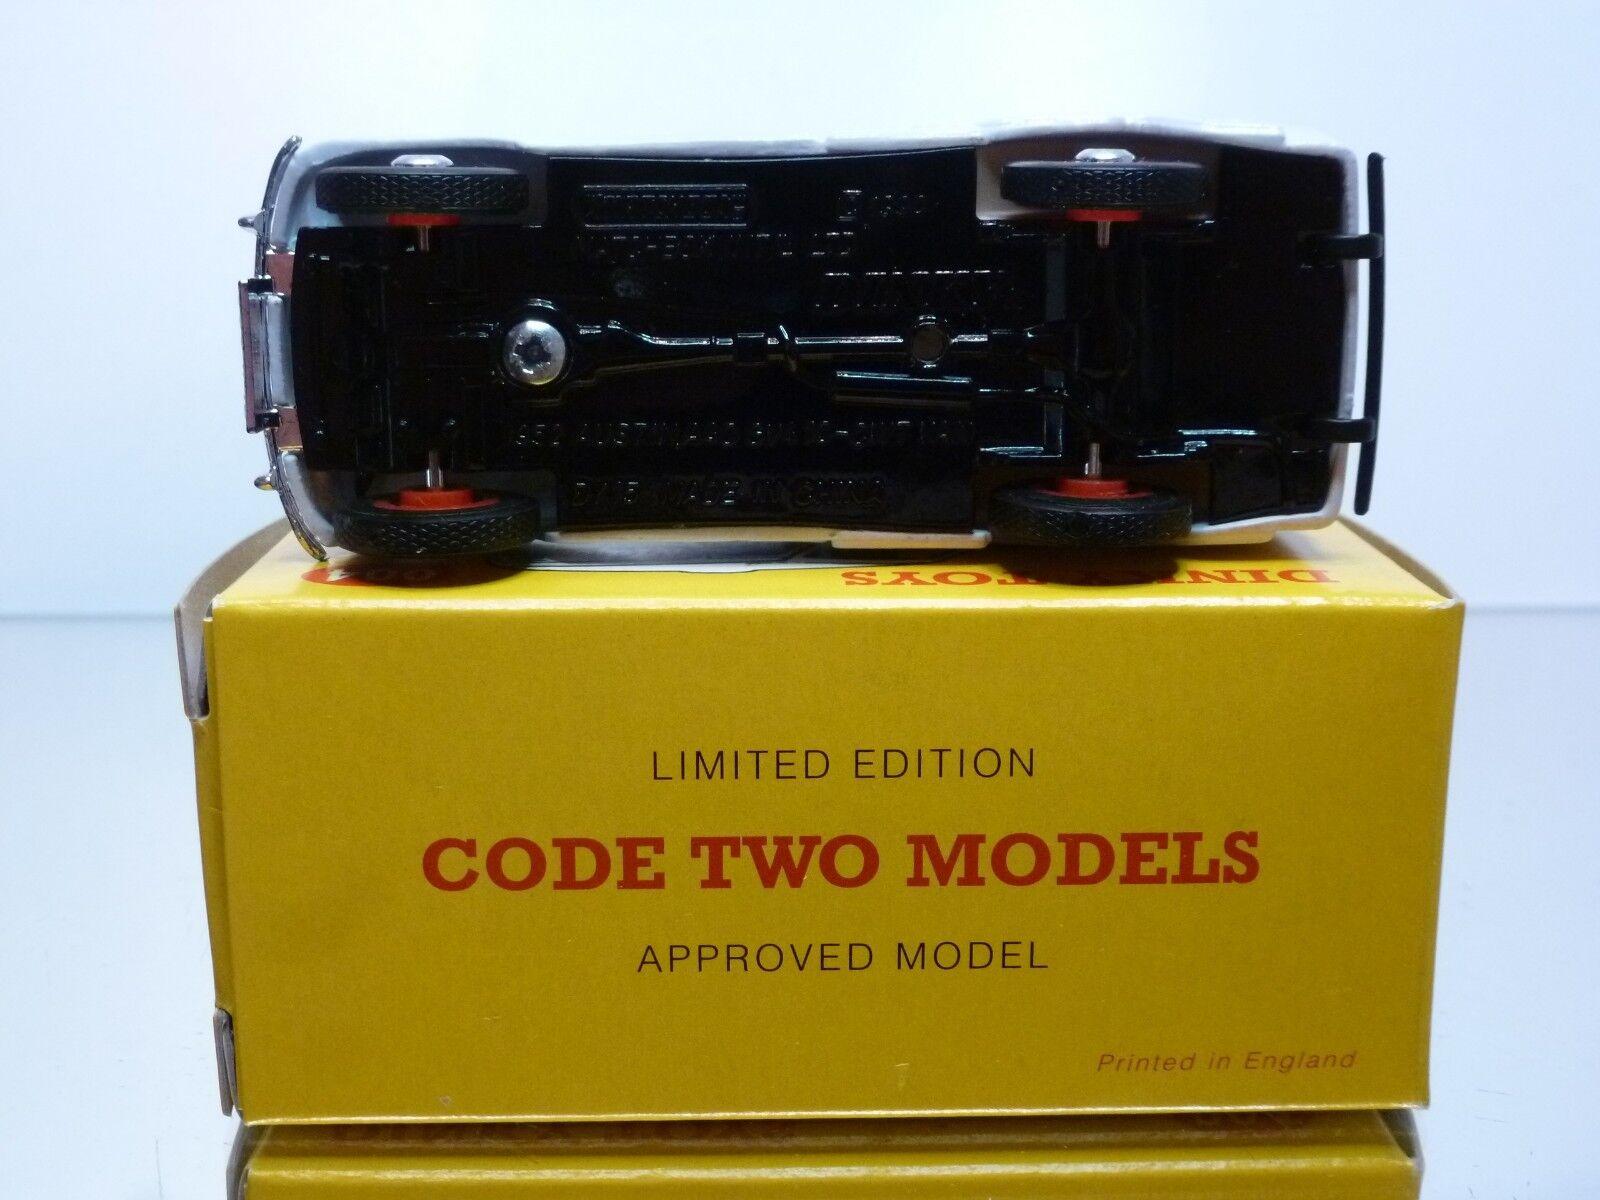 DINKY TOYS CODE 2 MODELS 004 AUSTIN AUSTIN AUSTIN A40 VAN - MAJOR PRINT- 1 43 - EXCELLENT IB 8b7bf5